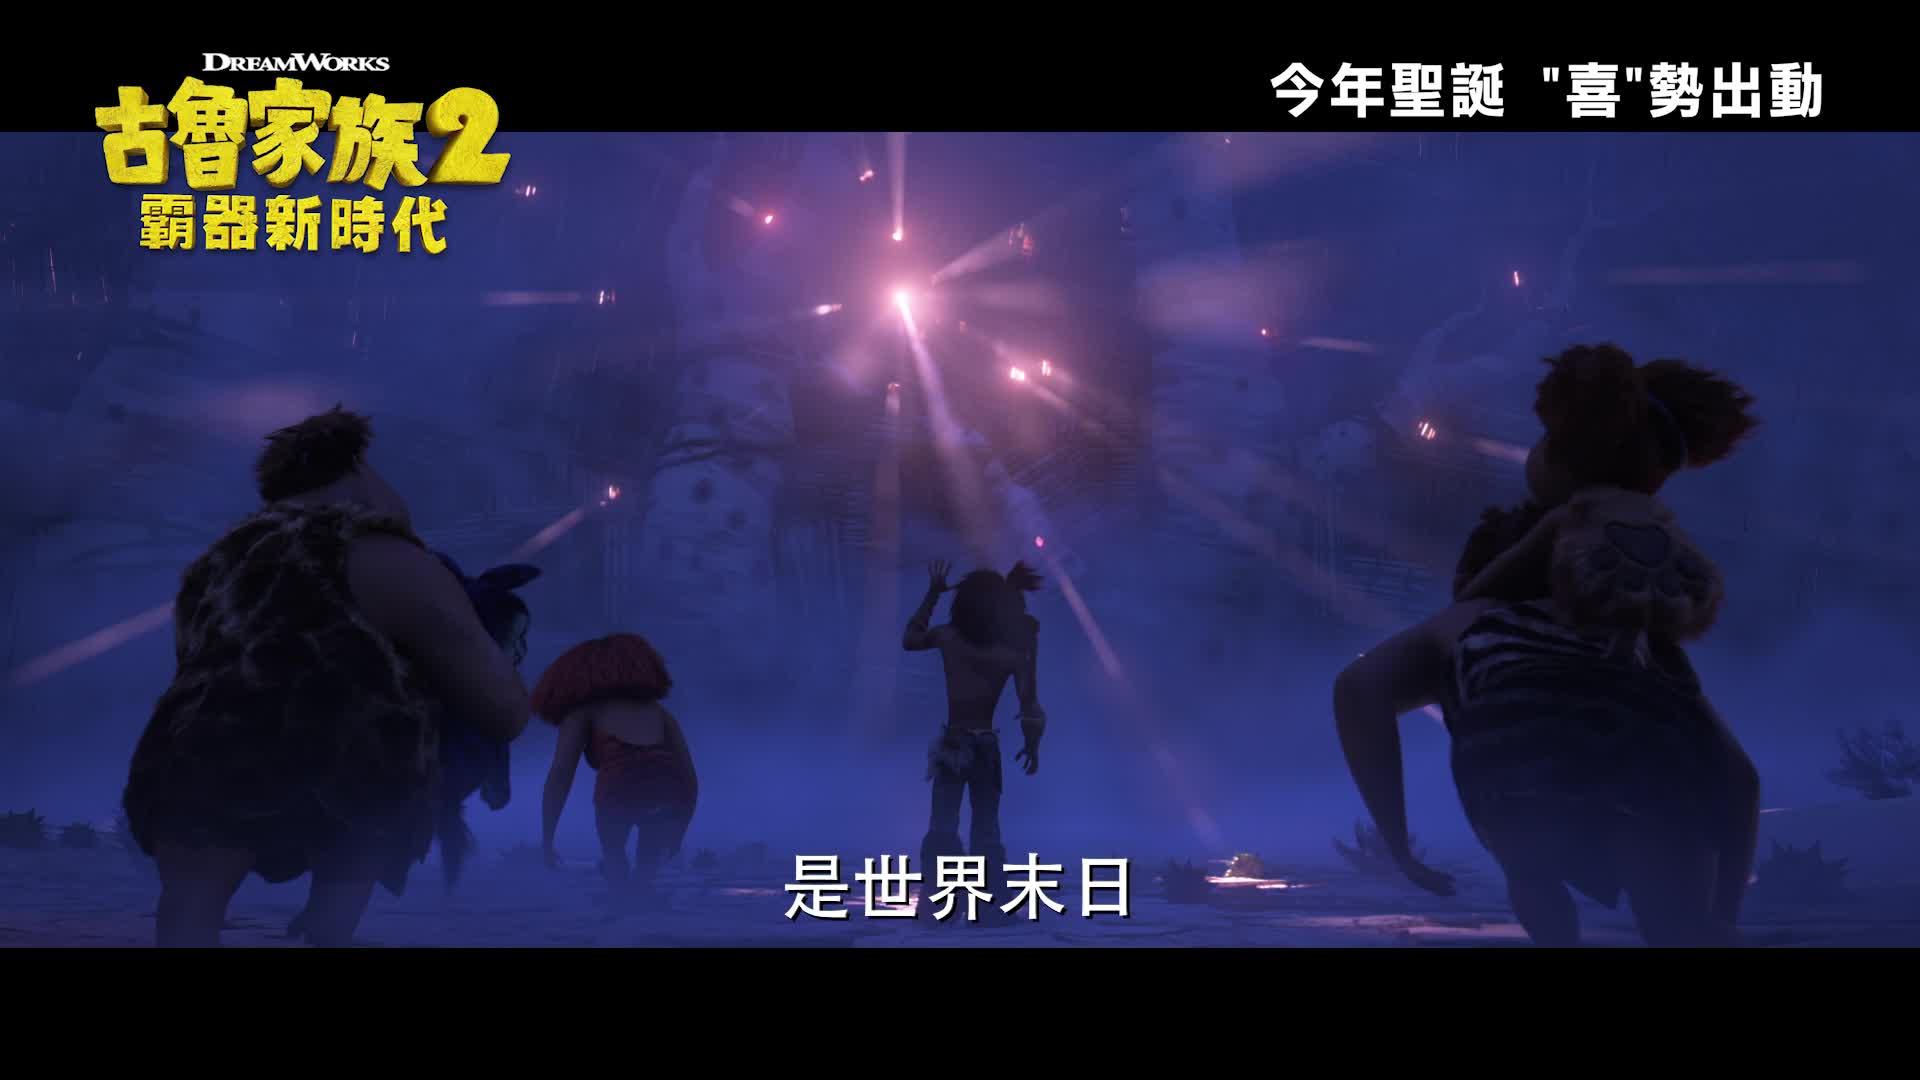 《古魯家族2:霸器新時代》電影預告